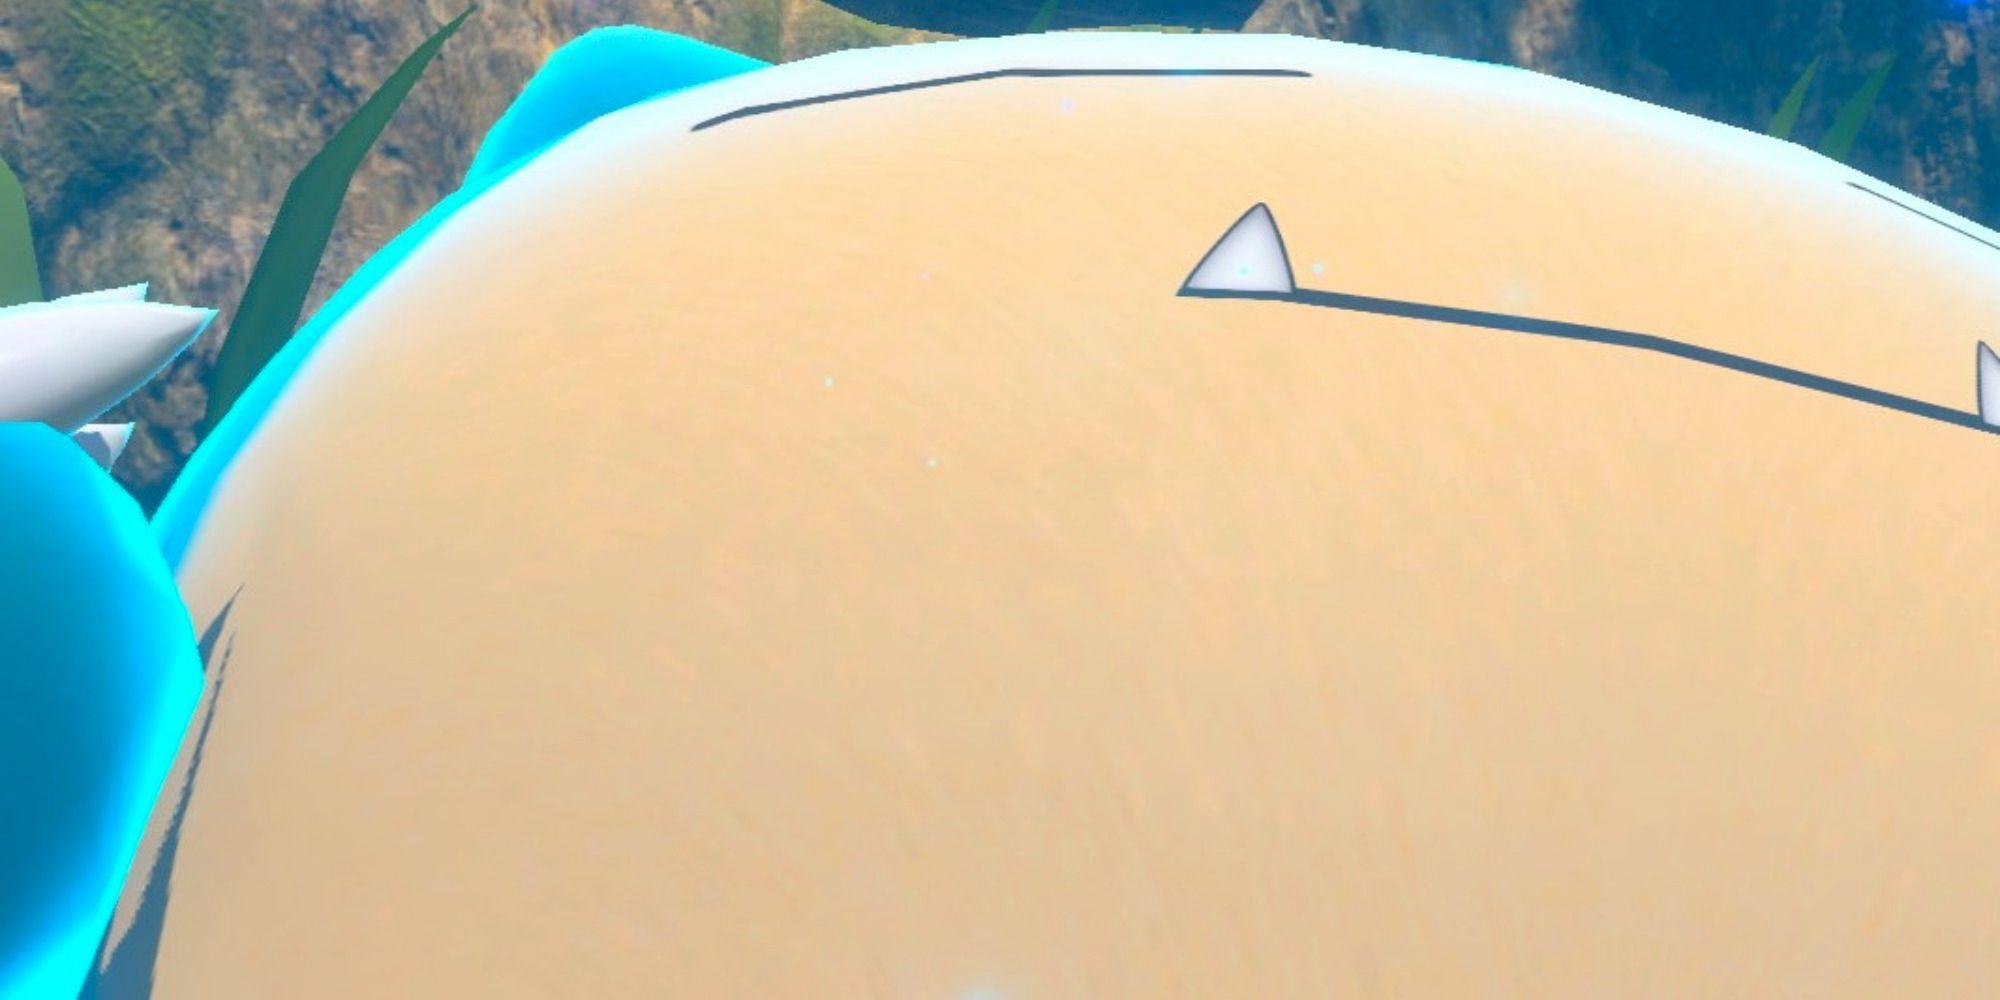 Nuevo complemento de Pokémon: cómo llegar a Snorlax